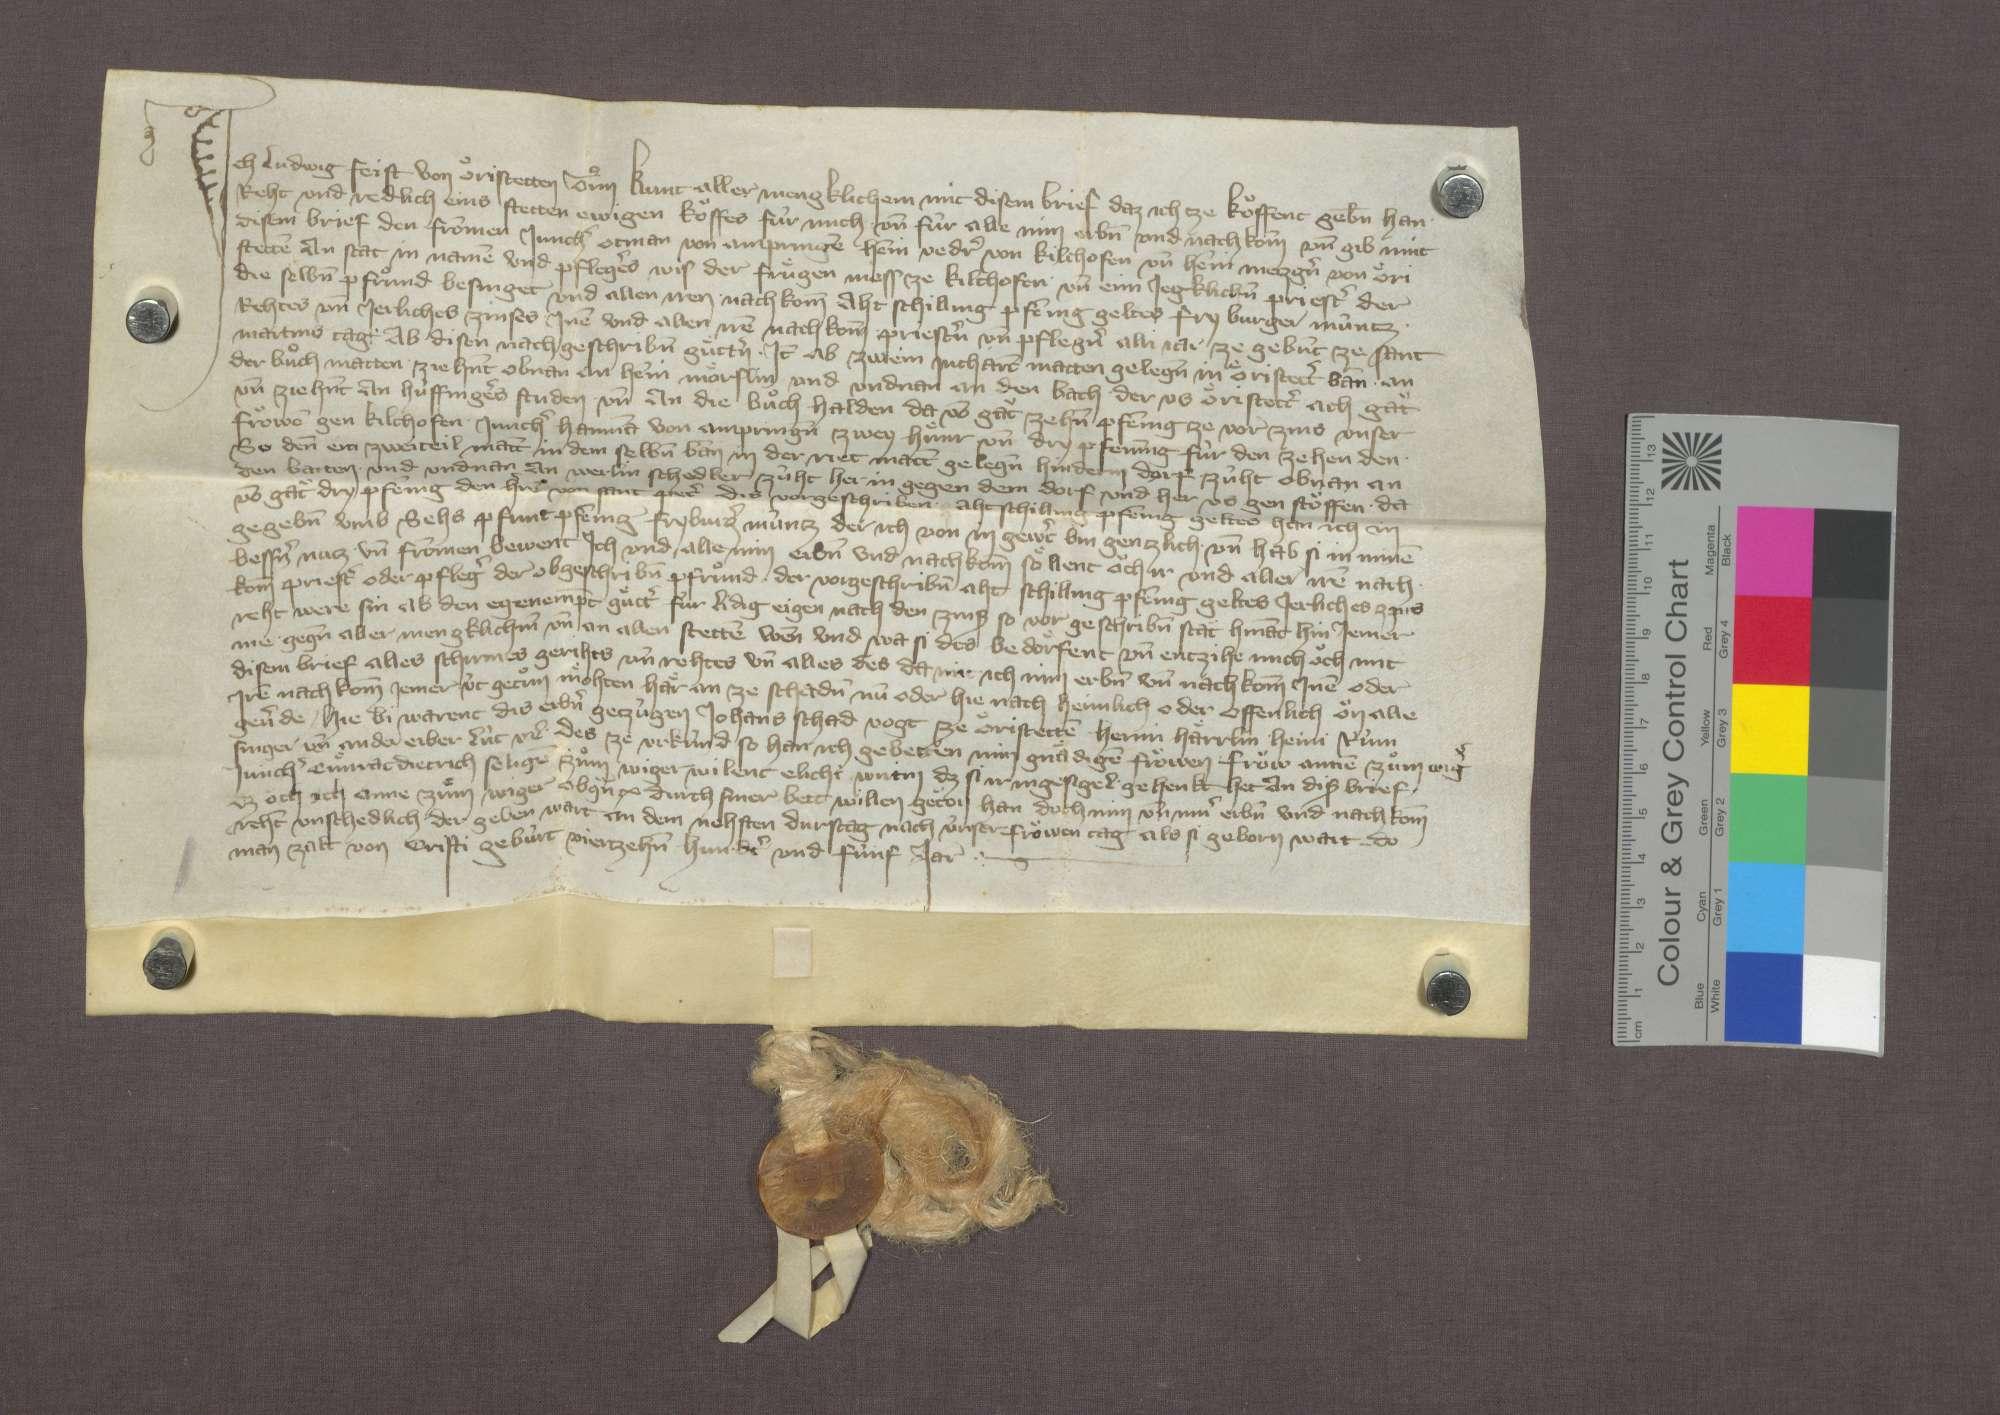 Gültverschreibung des Ludwig Feist von Ehrenstetten gegenüber der Frühmesserei zu Kirchhofen., Bild 1